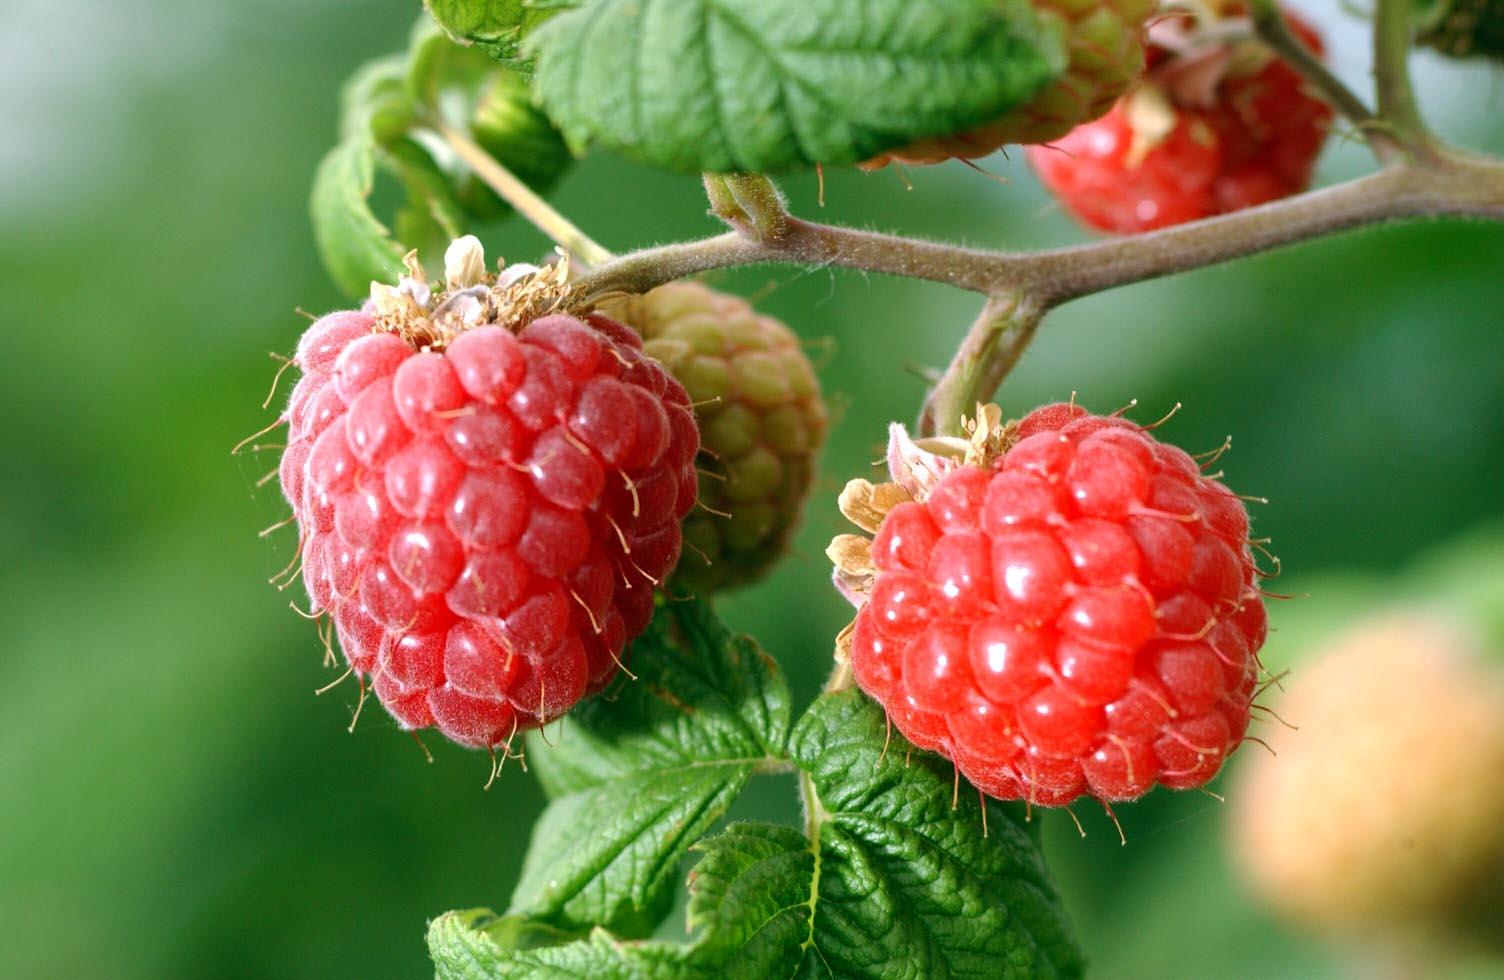 Το Σμέουρο, γνωστό και ως Φραμπουάζ (Framboise), έχει επιστημονική ονομασιά Rubus ideaus (βάτος η ιδιαία). Είναι πολυετές φυτό που παράγει μικρού μεγέθους κόκκινους καρπούς. Έχει απλά πτεροειδή ή σύνθετα παλαμόειδή φύλλα και λευκά ή ρόδινα άνθη